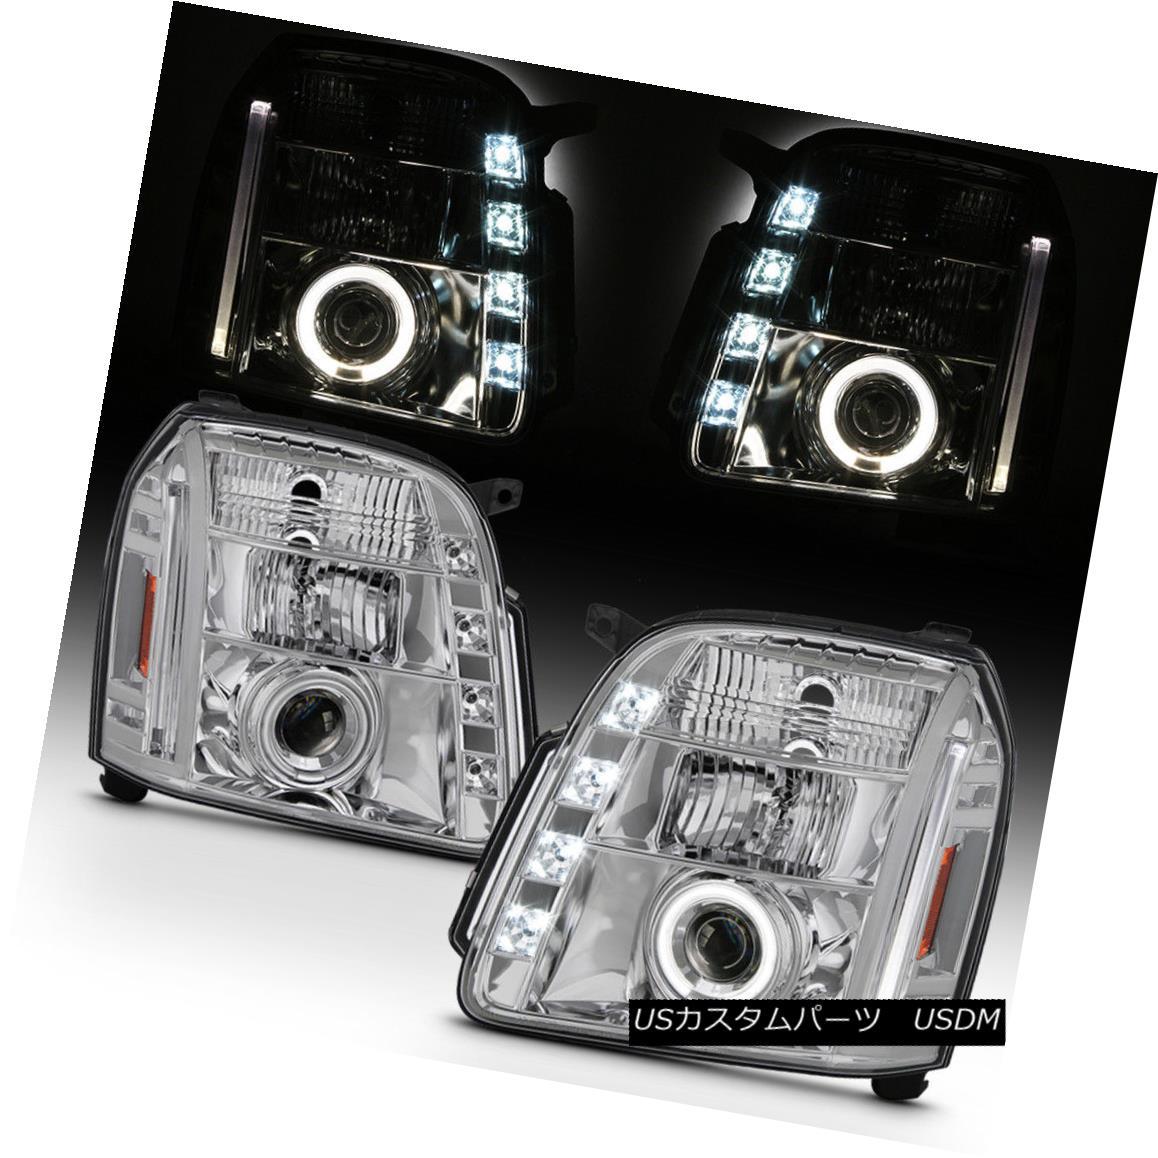 ヘッドライト 2007-2013 GMC Yukon Denali LED Running DRL Halo Projector Headlights Headlamps 2007年?2013年GMCユーコンデナリLED DRLハロープロジェクターヘッドライトヘッドランプ